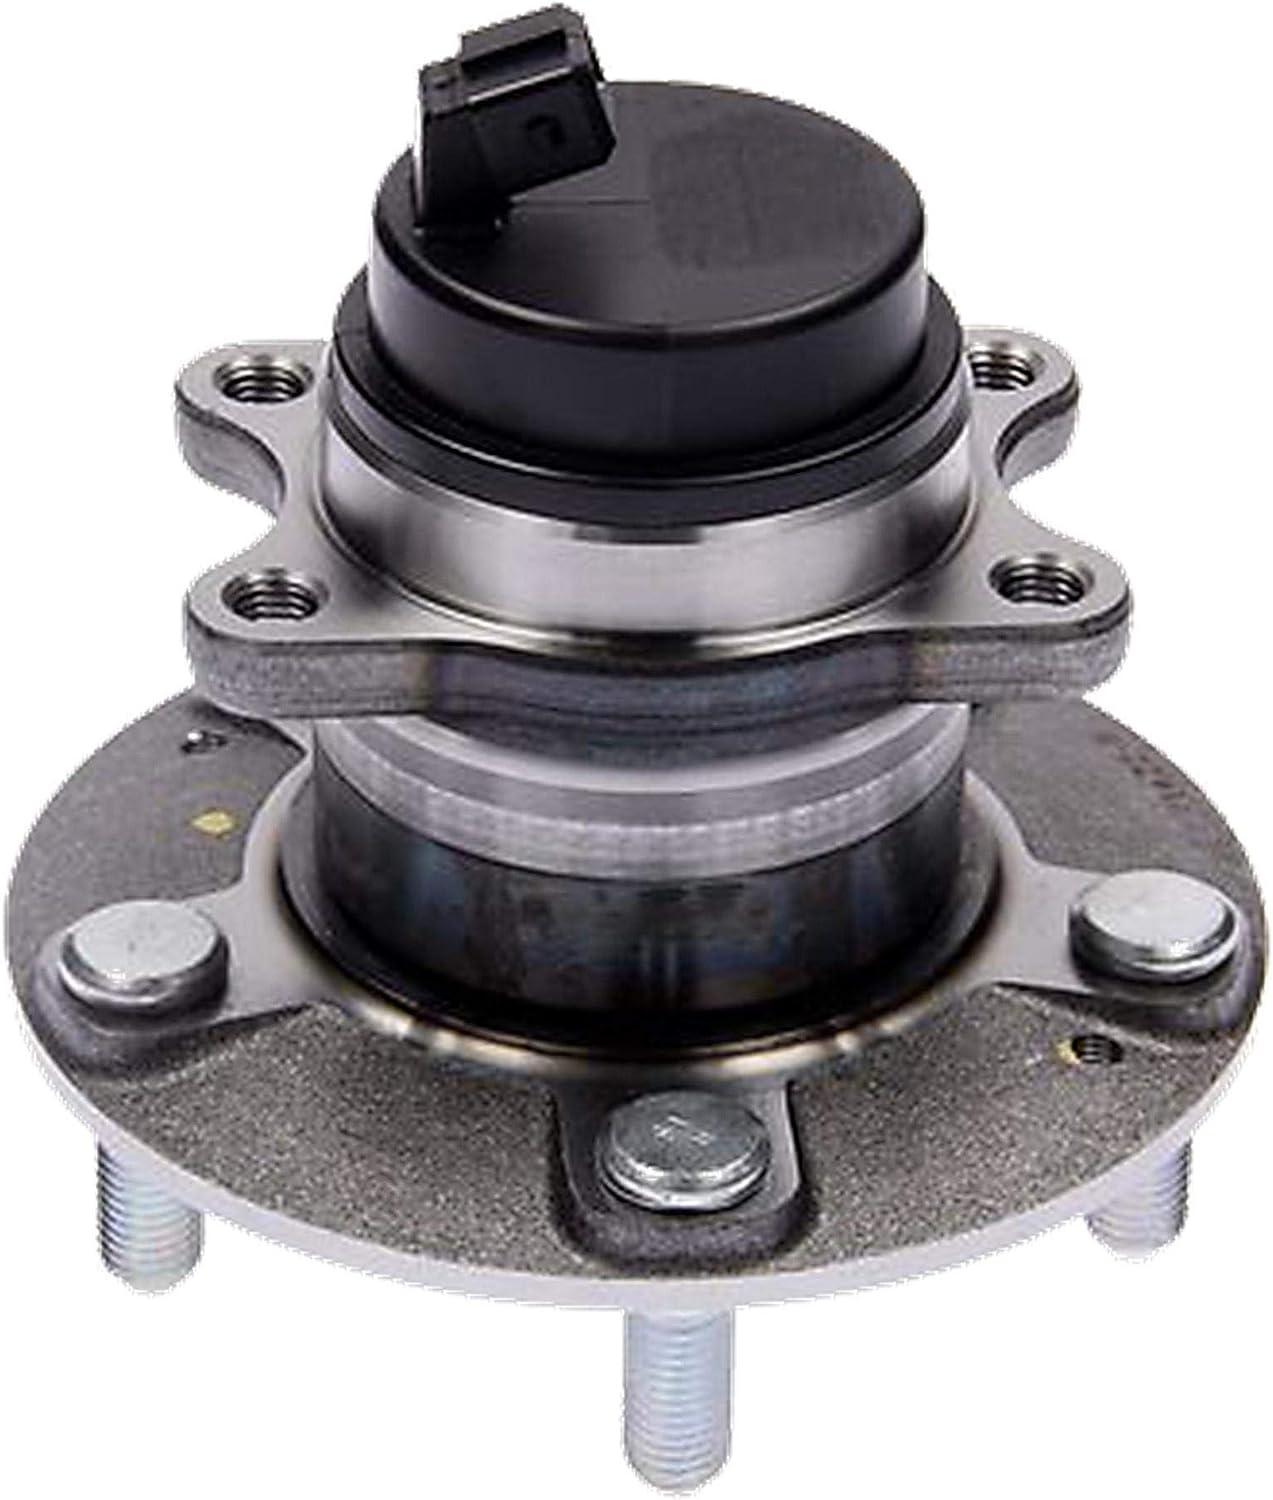 5x114,3 1x Radlager mit integriertem ABS-Sensor Hinterachse links oder rechts Lochkreis